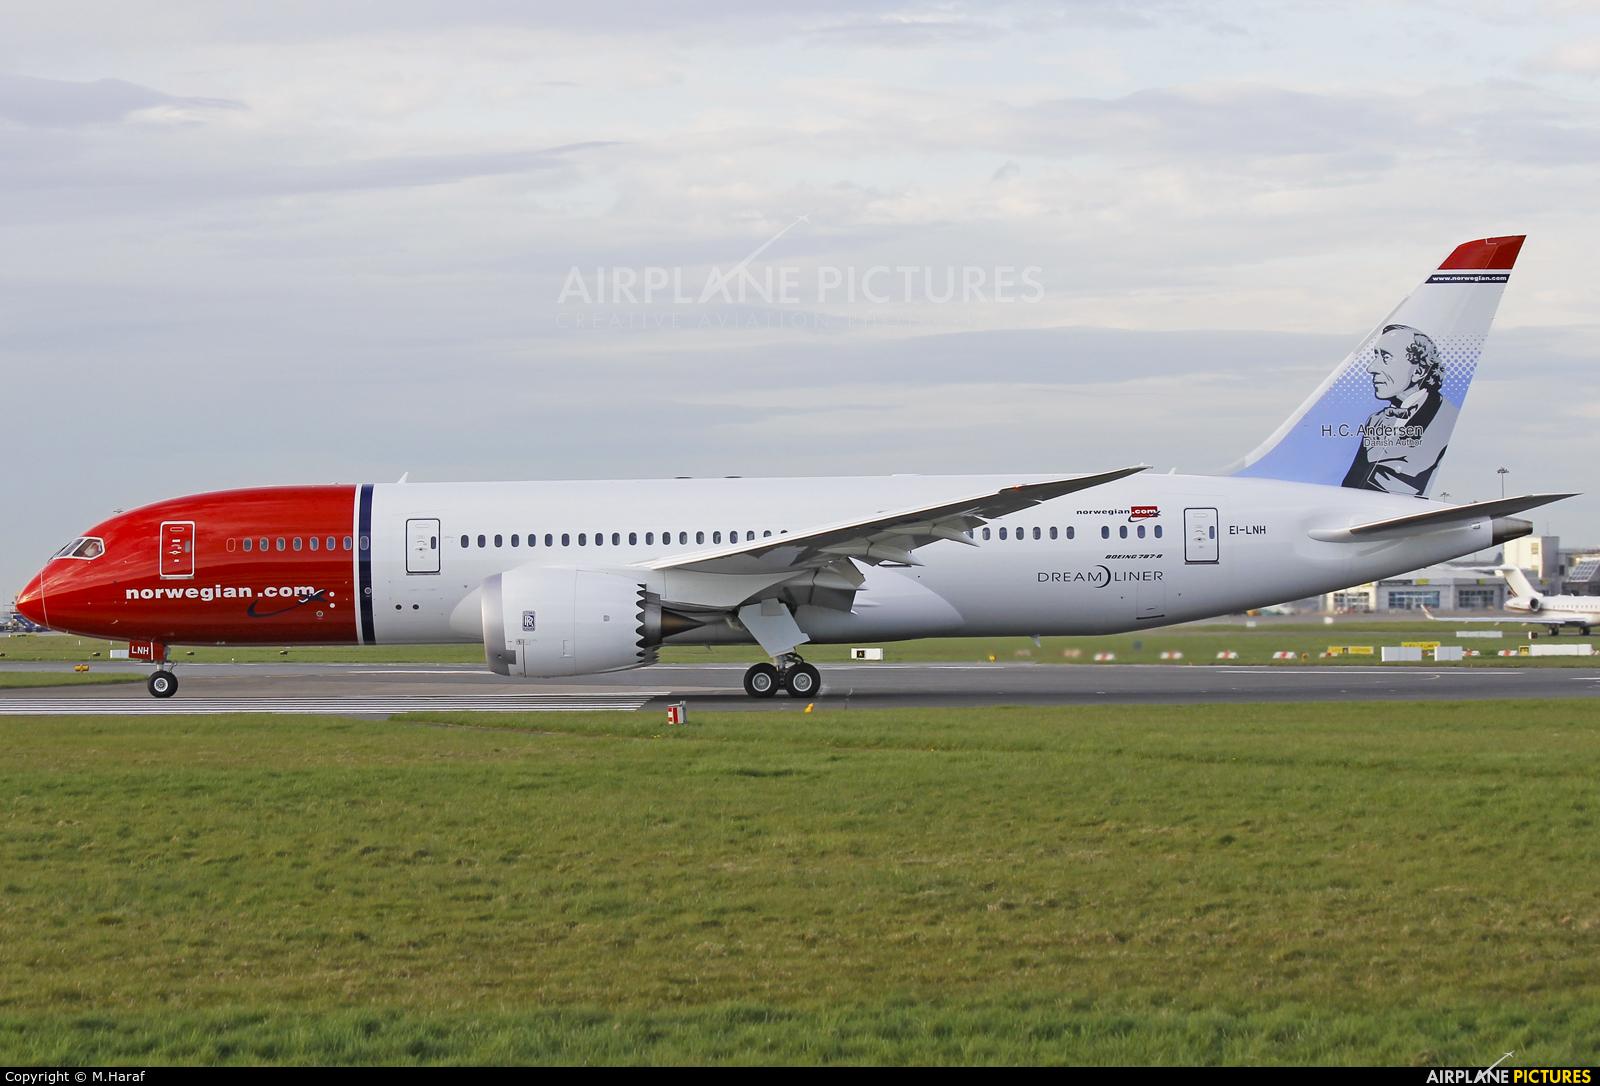 Norwegian Air Shuttle EI-LNH aircraft at Dublin